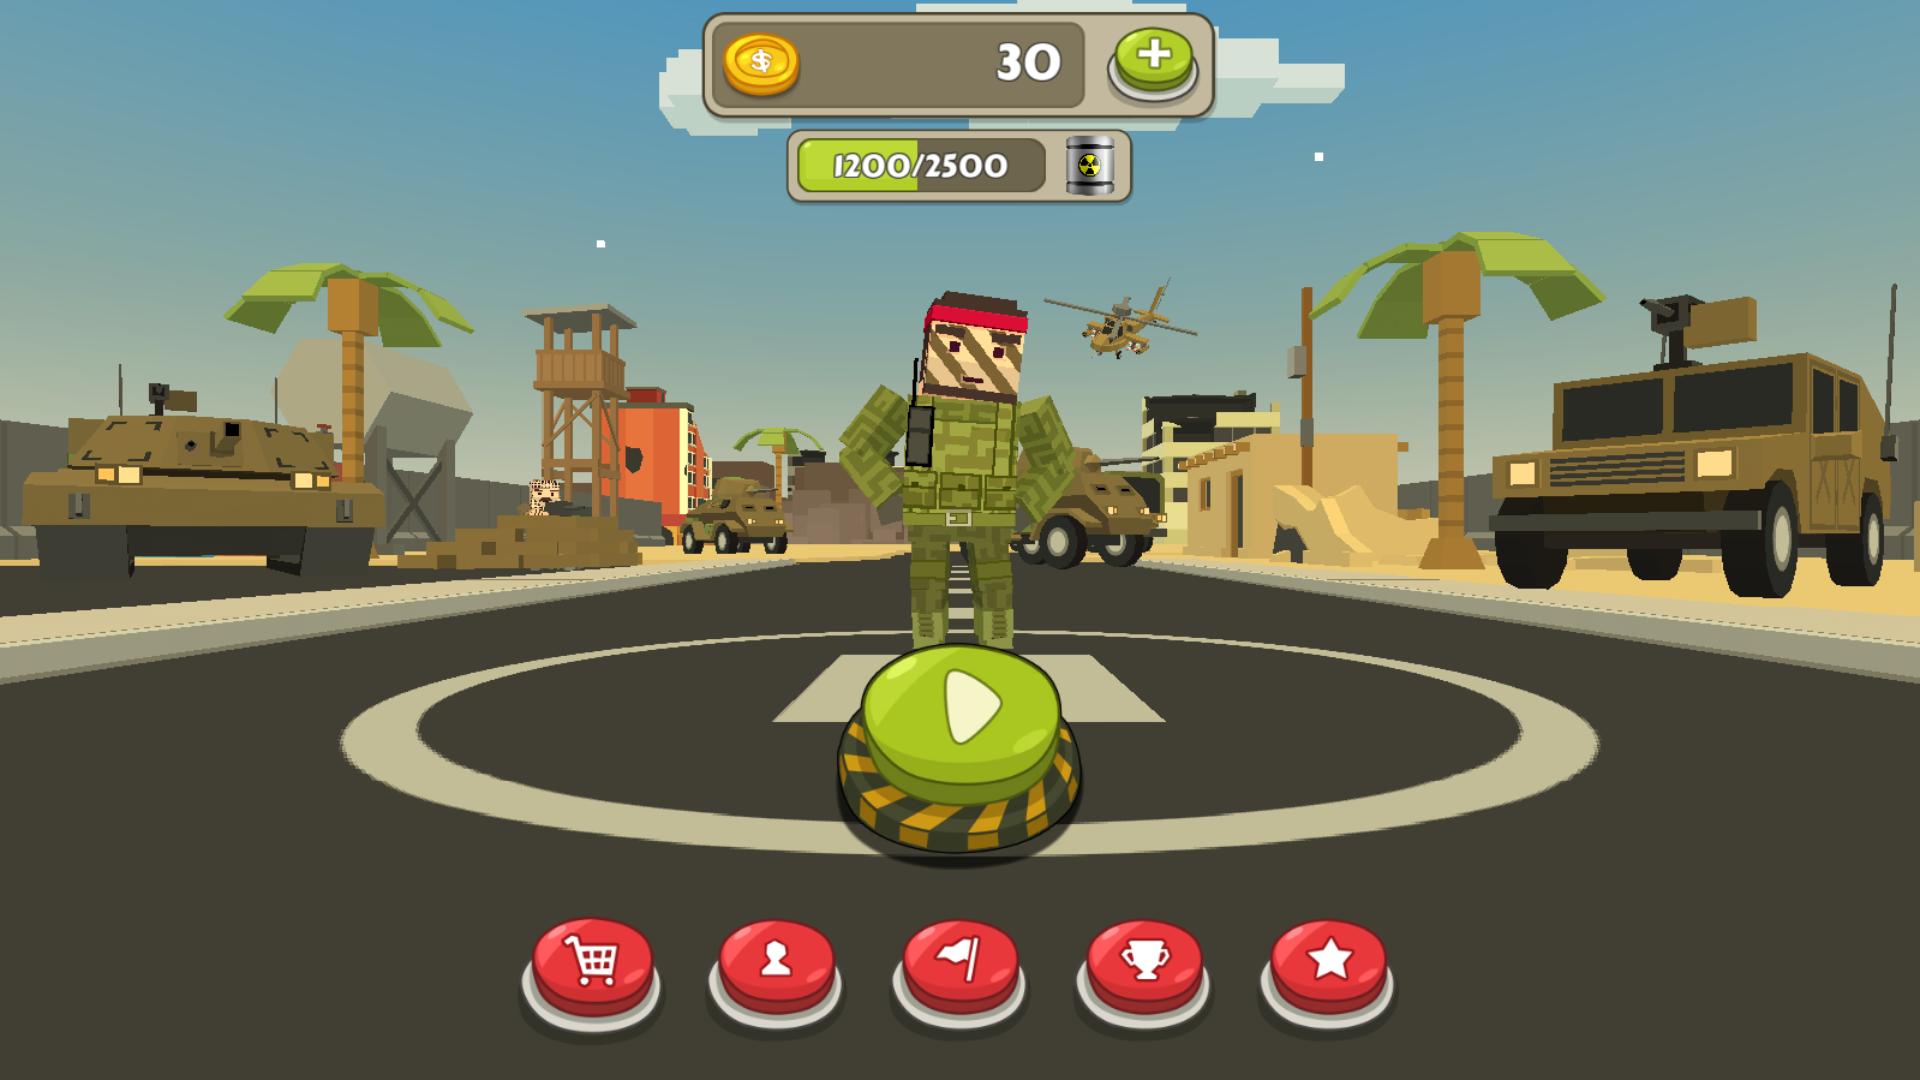 Backstorm Attack - Endless RPG War Runner screenshot 11